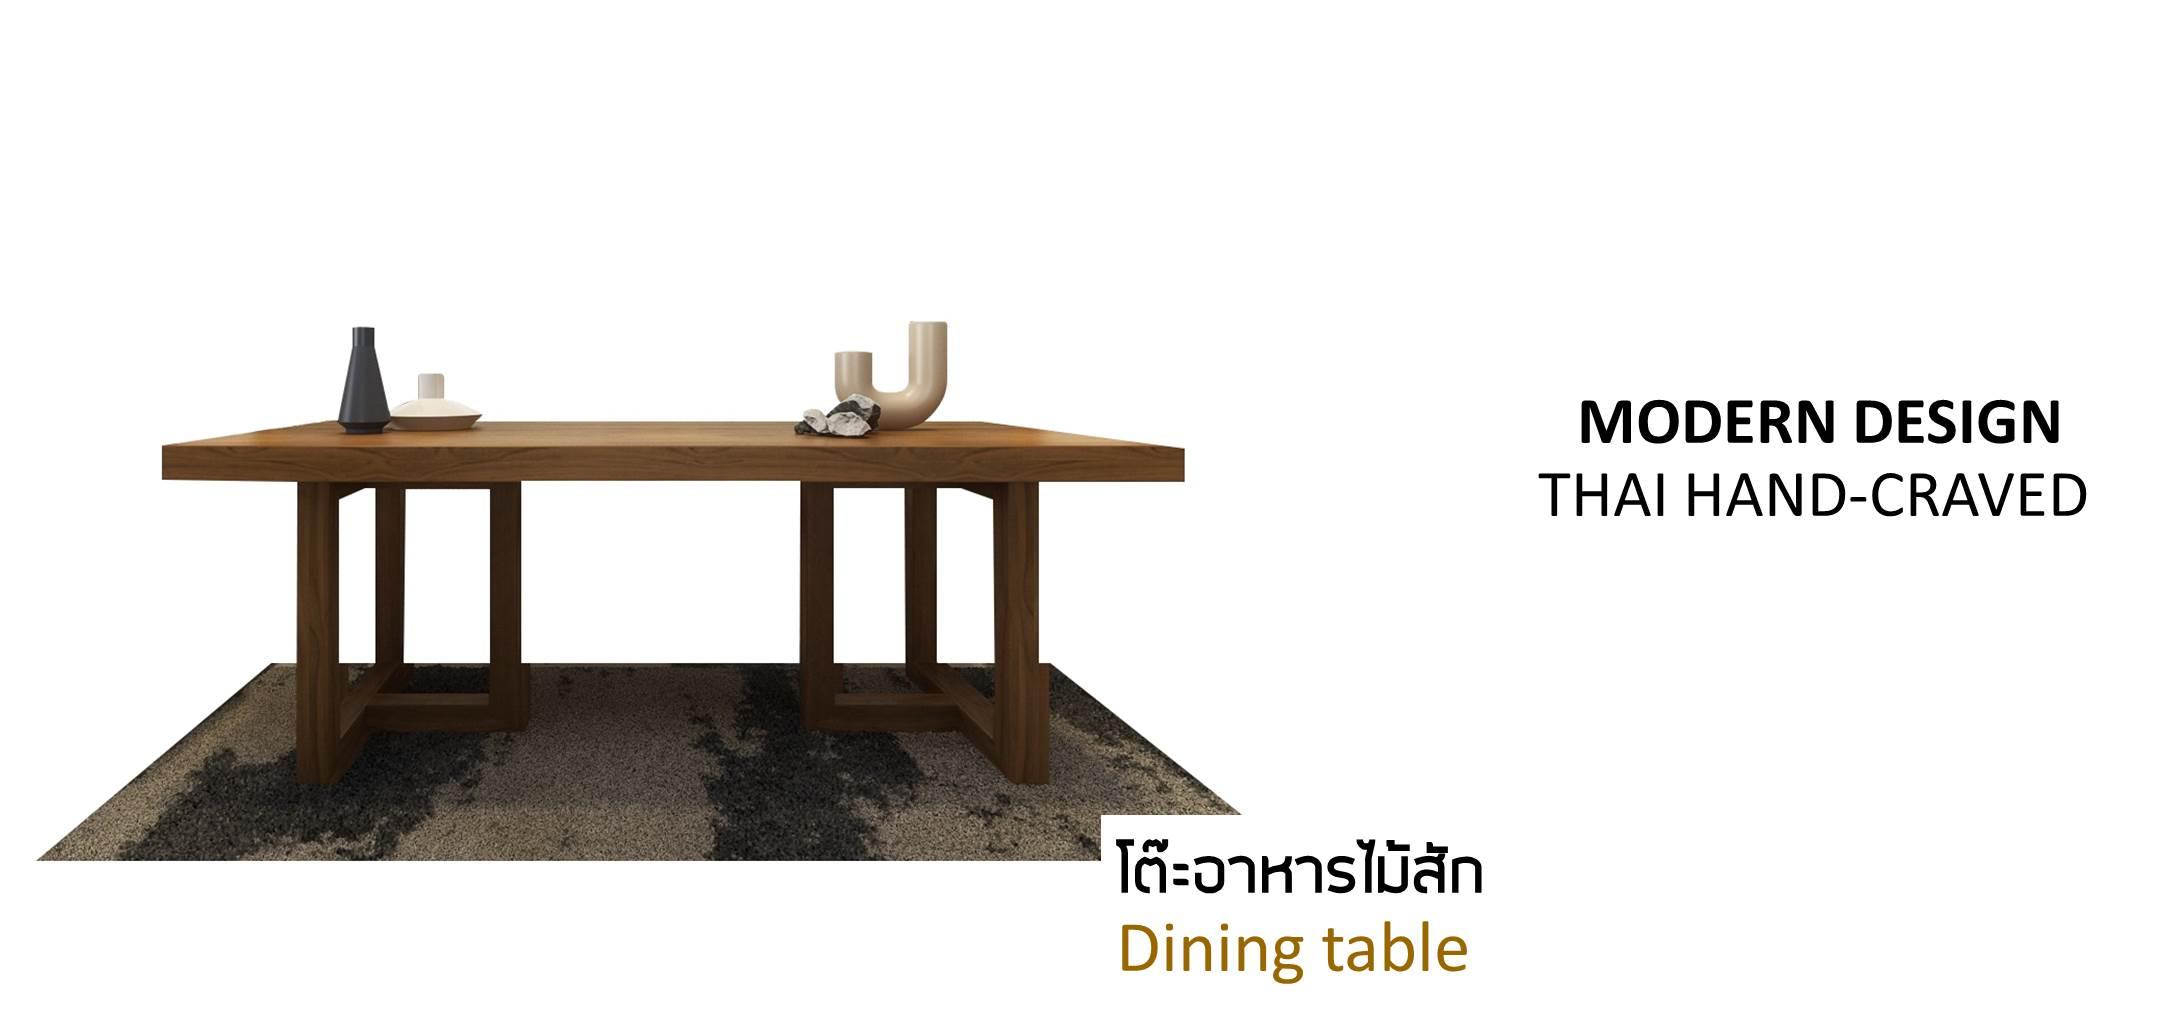 โต๊ะโมเดิร์นไม้สัก